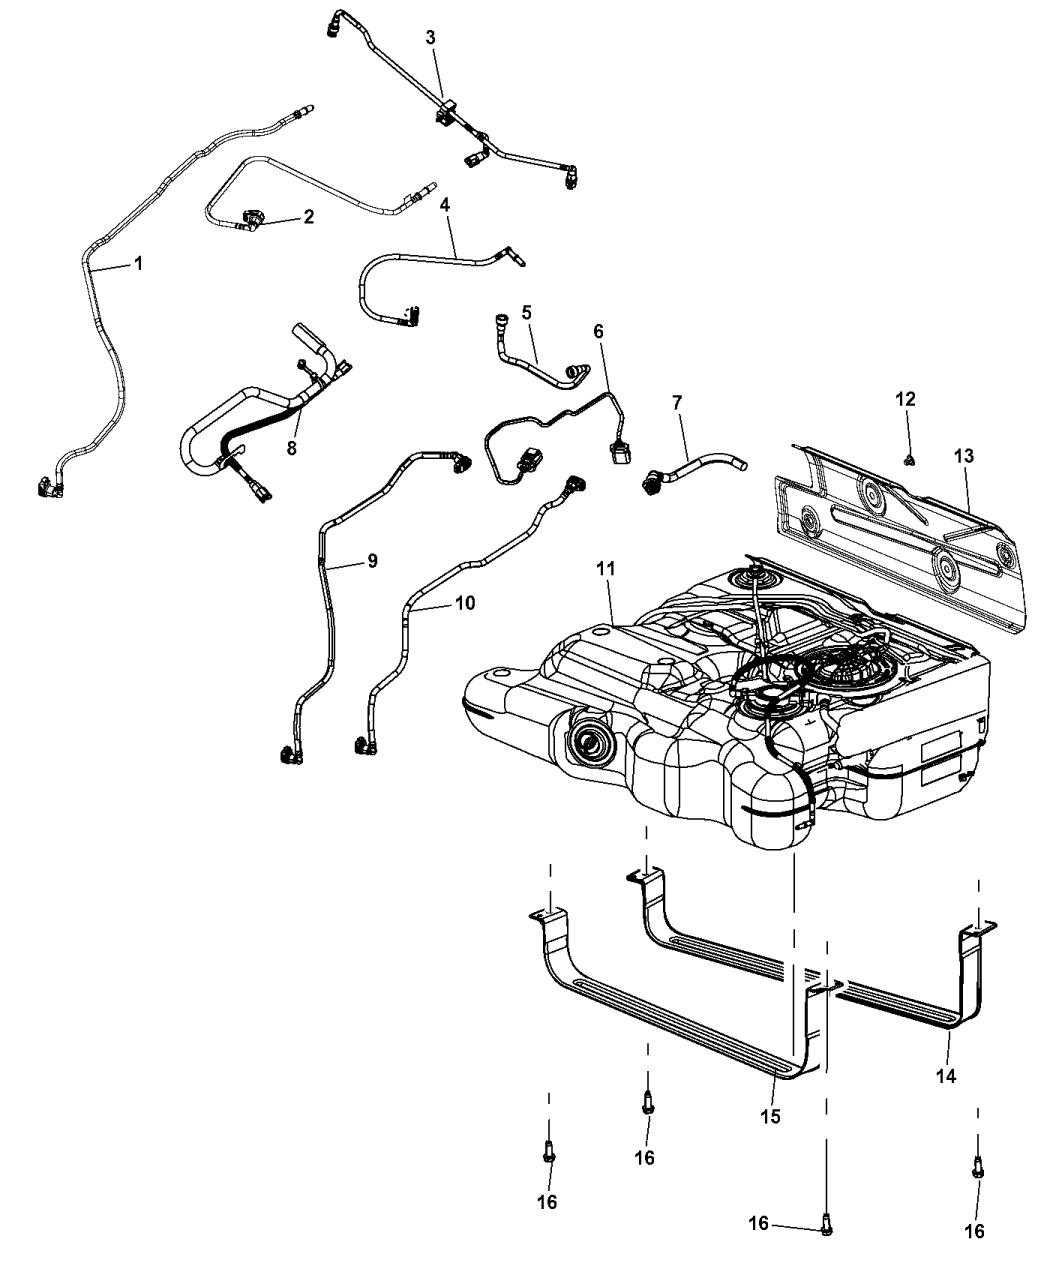 chrysler fuel pressure diagram wiring library. Black Bedroom Furniture Sets. Home Design Ideas